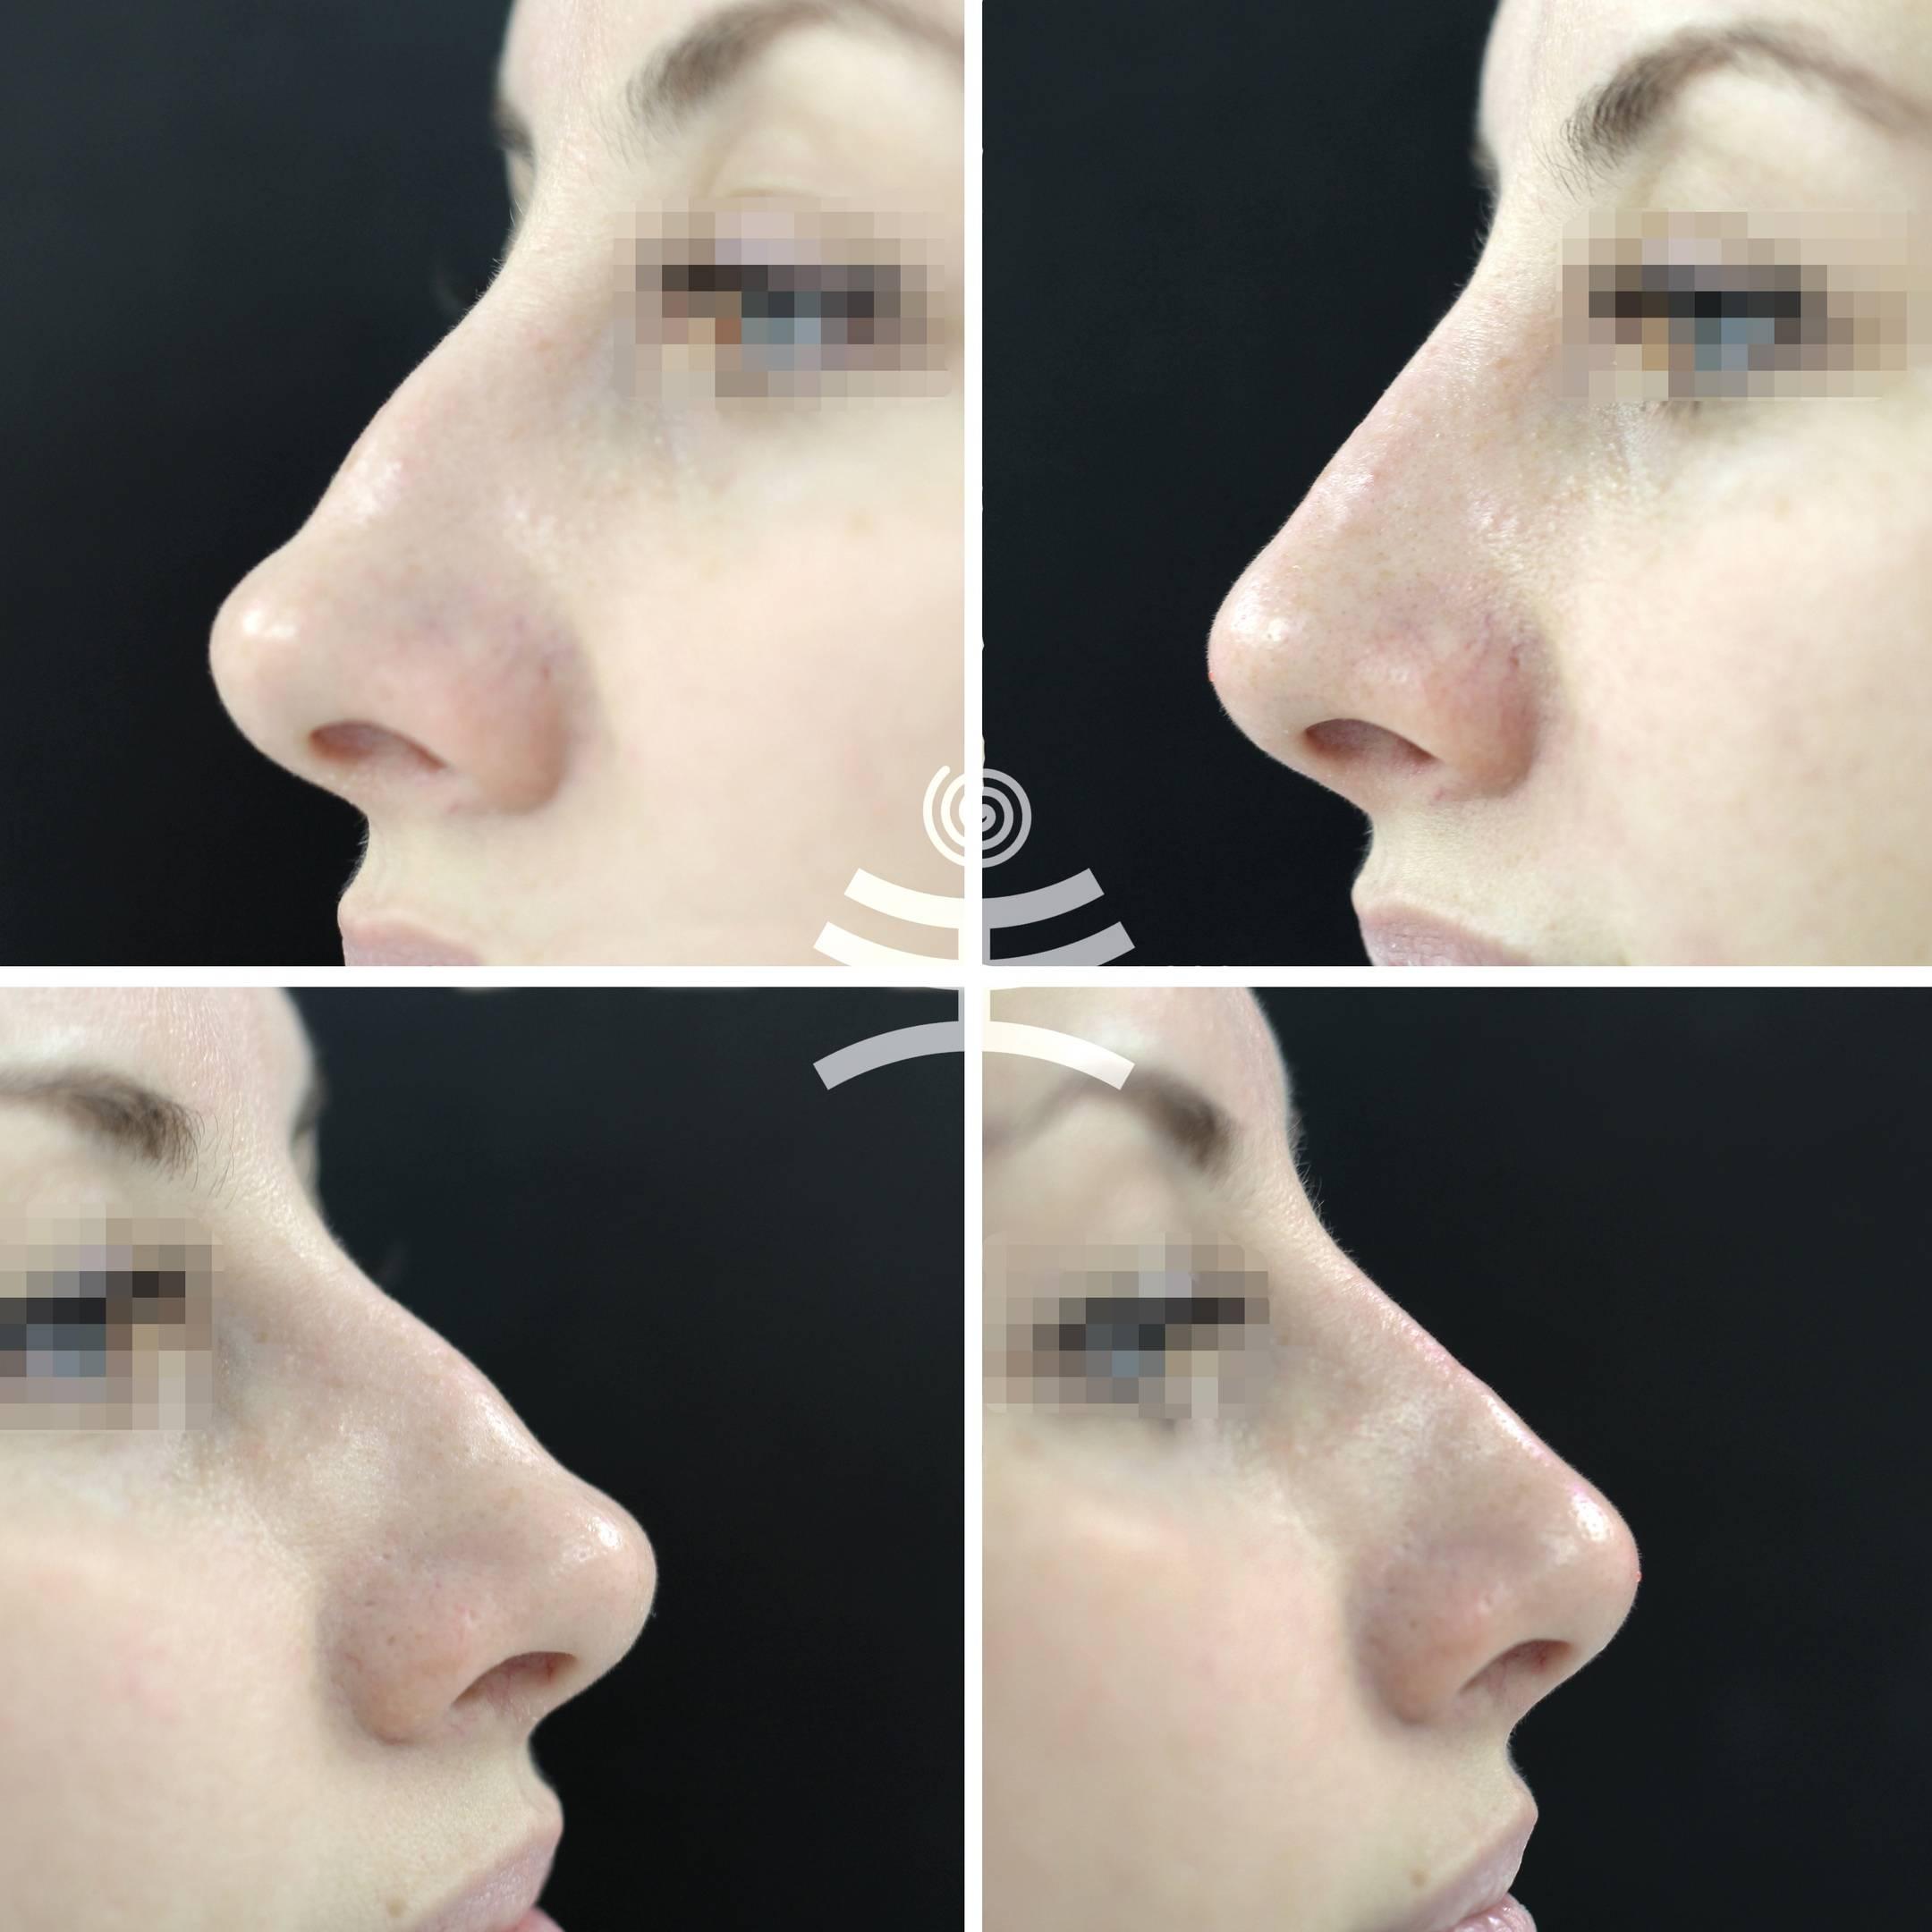 Ринопластика звезд фото до и после - знаменитости, фото доказательства, эксперты | ринопластика носа